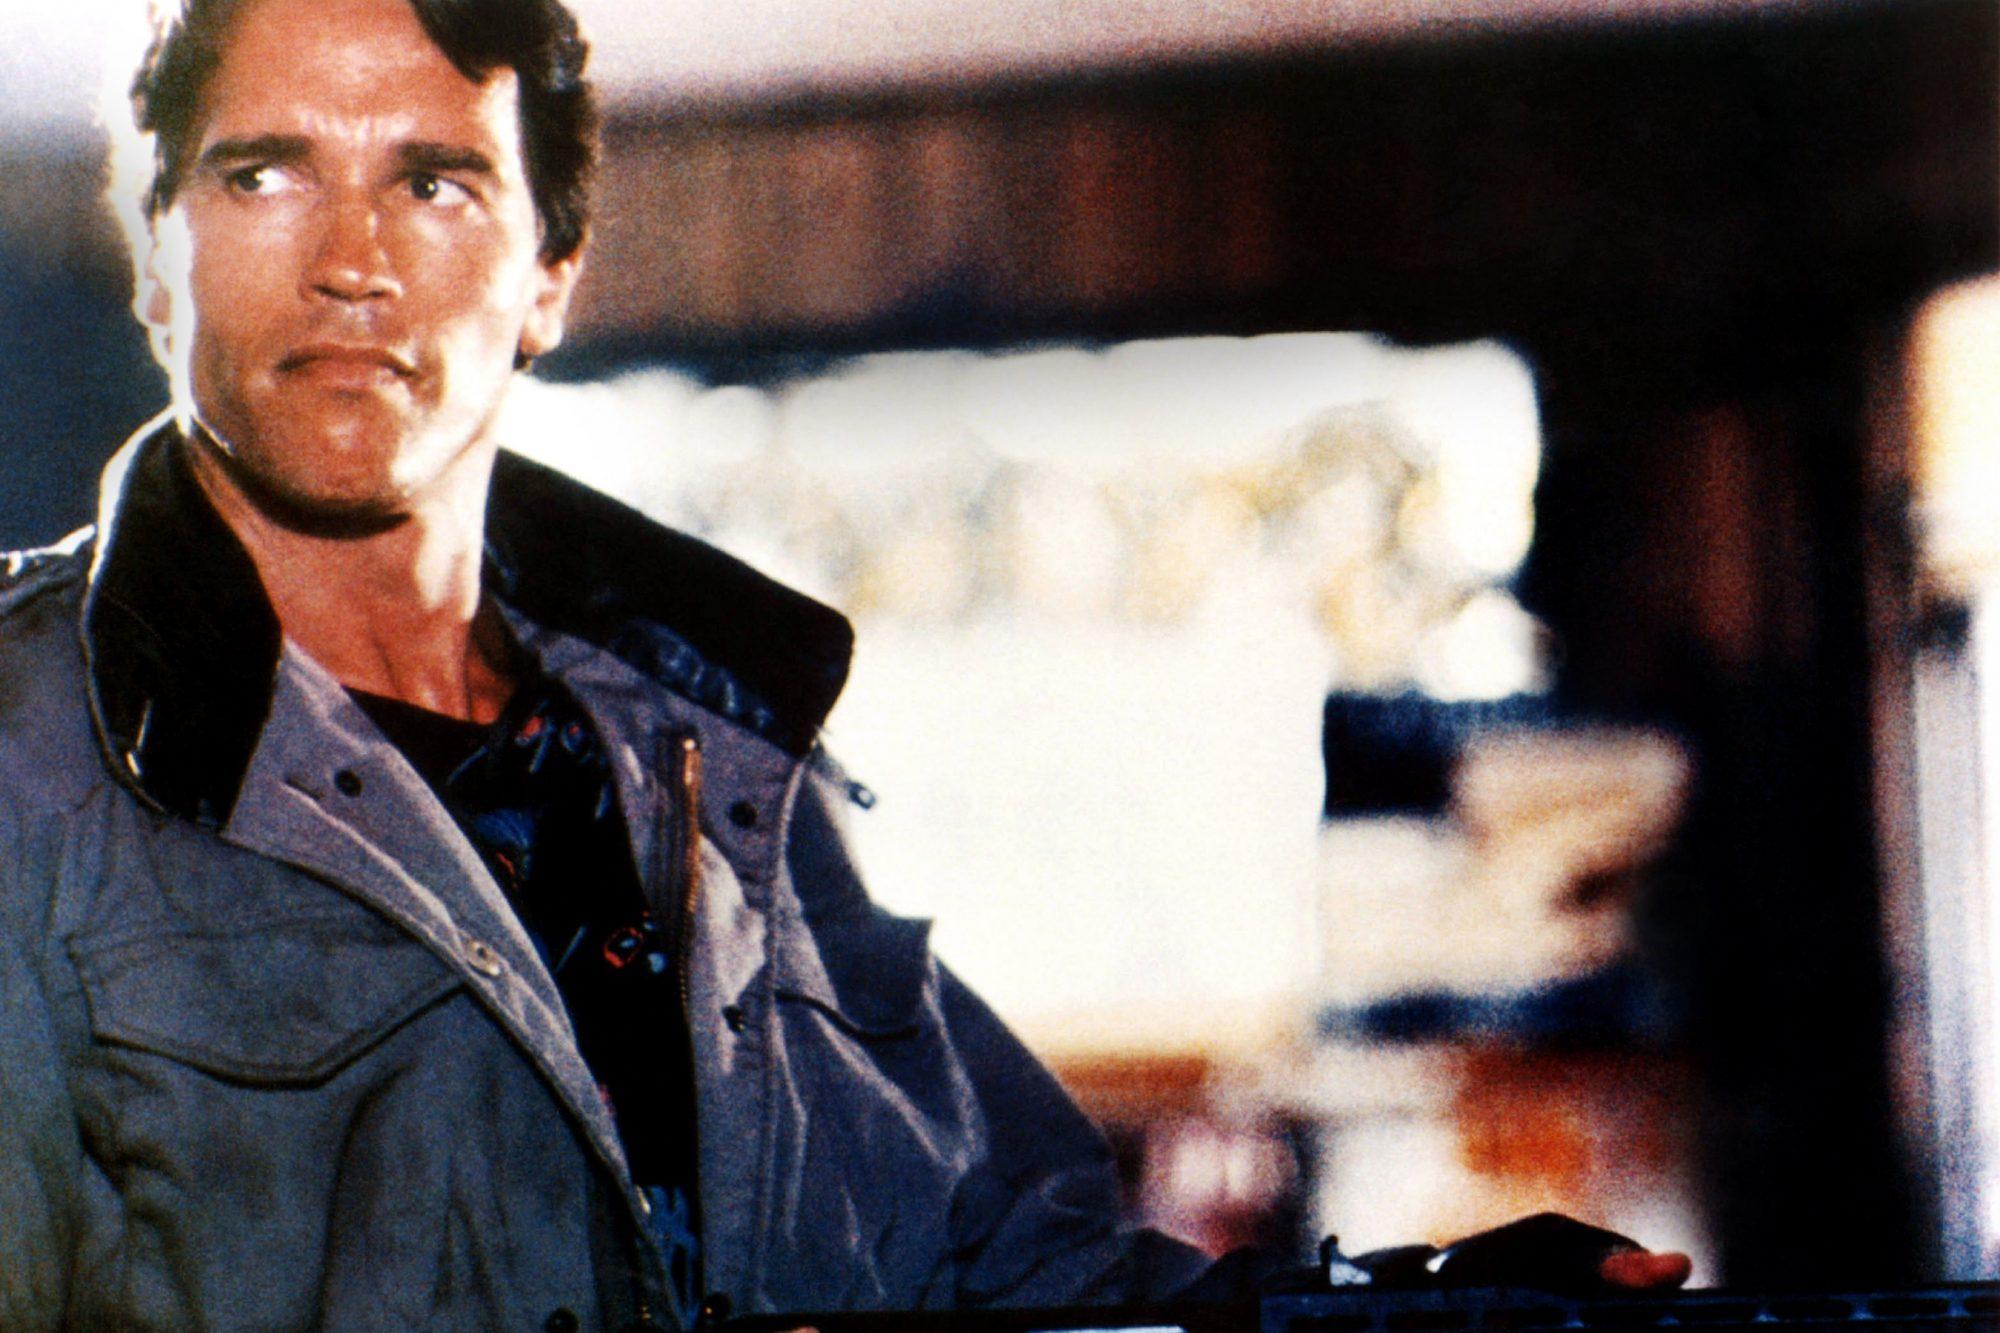 THE TERMINATOR, Arnold Schwarzenegger, 1984, © Orion/courtesy Everett Collection